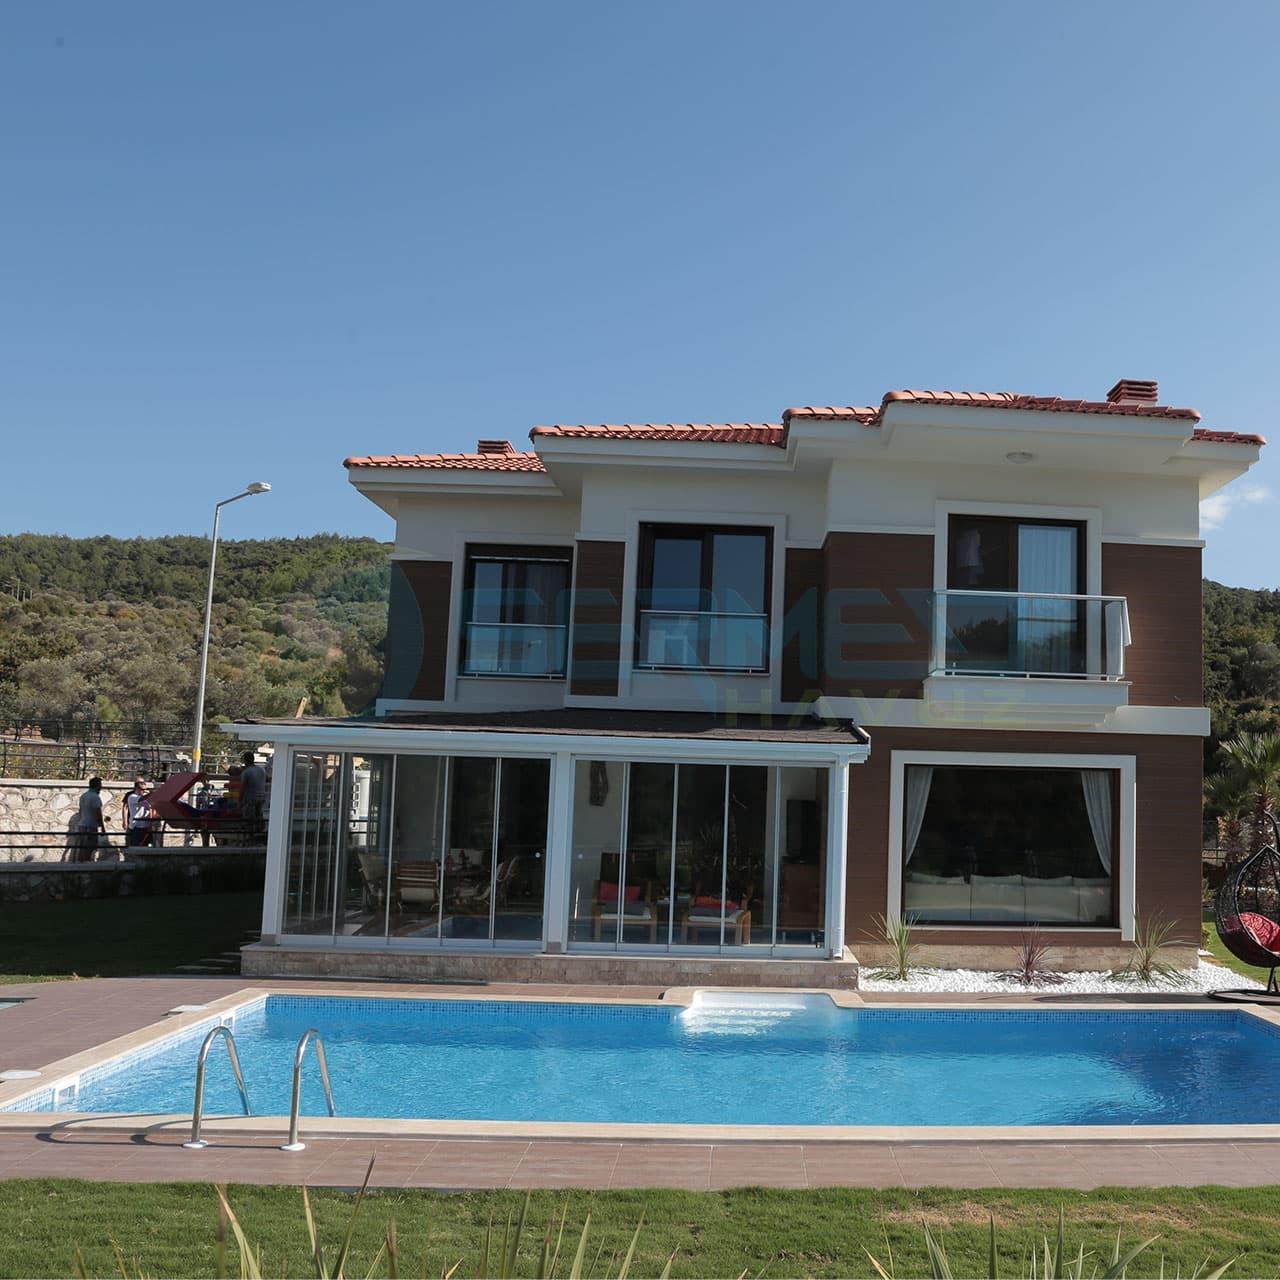 İzmir Fipool Plus Havuz Sermed Havuz Firması tarafından yapıldı.